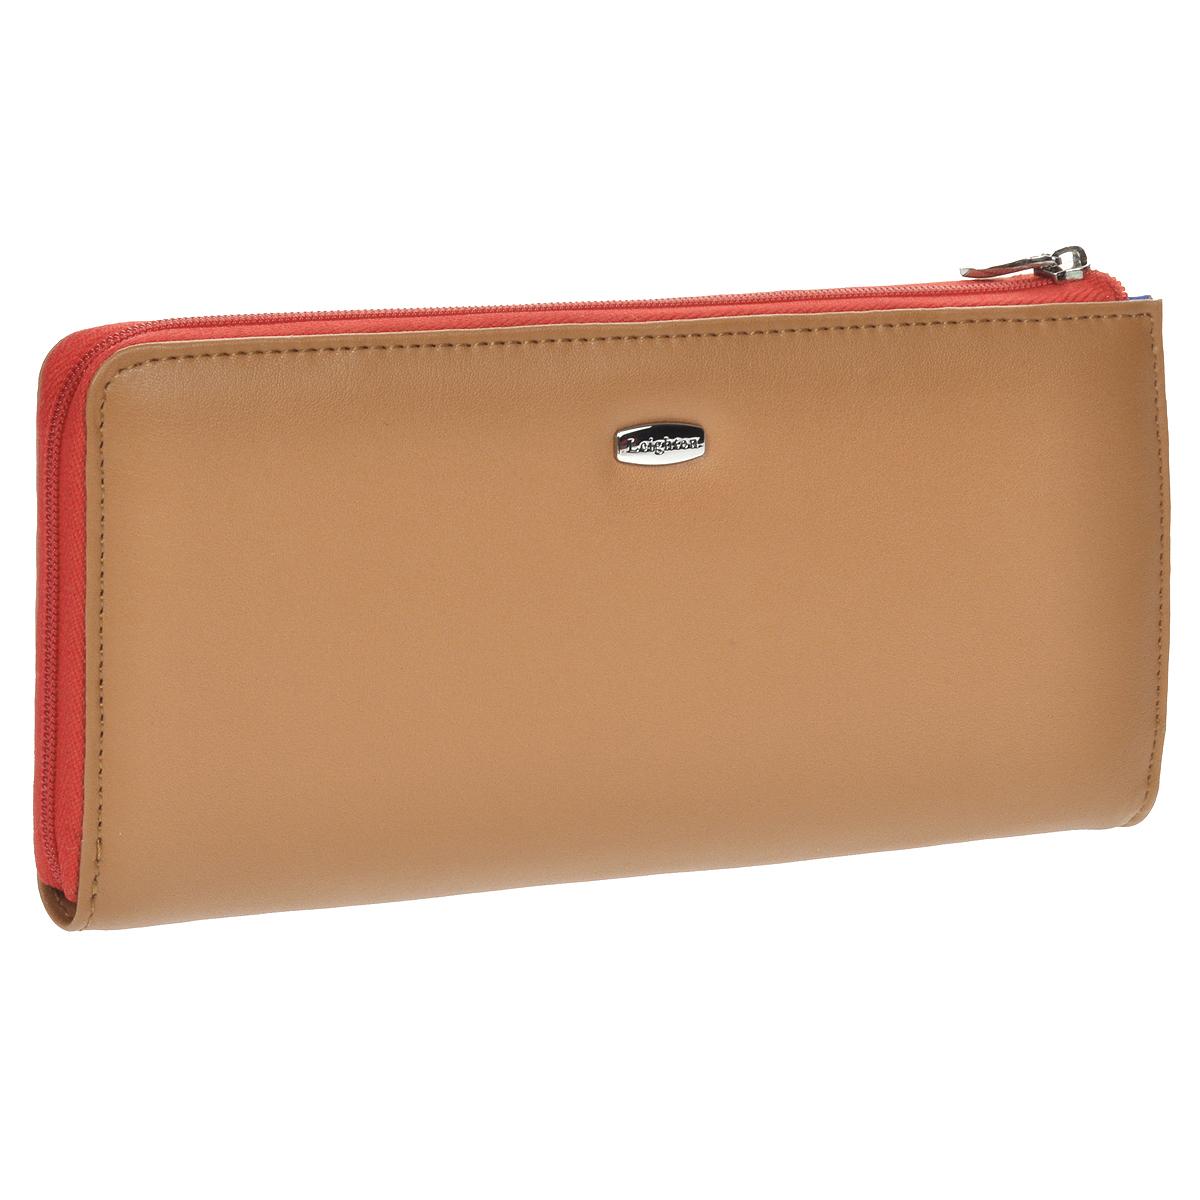 """Кошелек женский """"Leighton"""", цвет: коричневый, красный. 22148-3/18"""